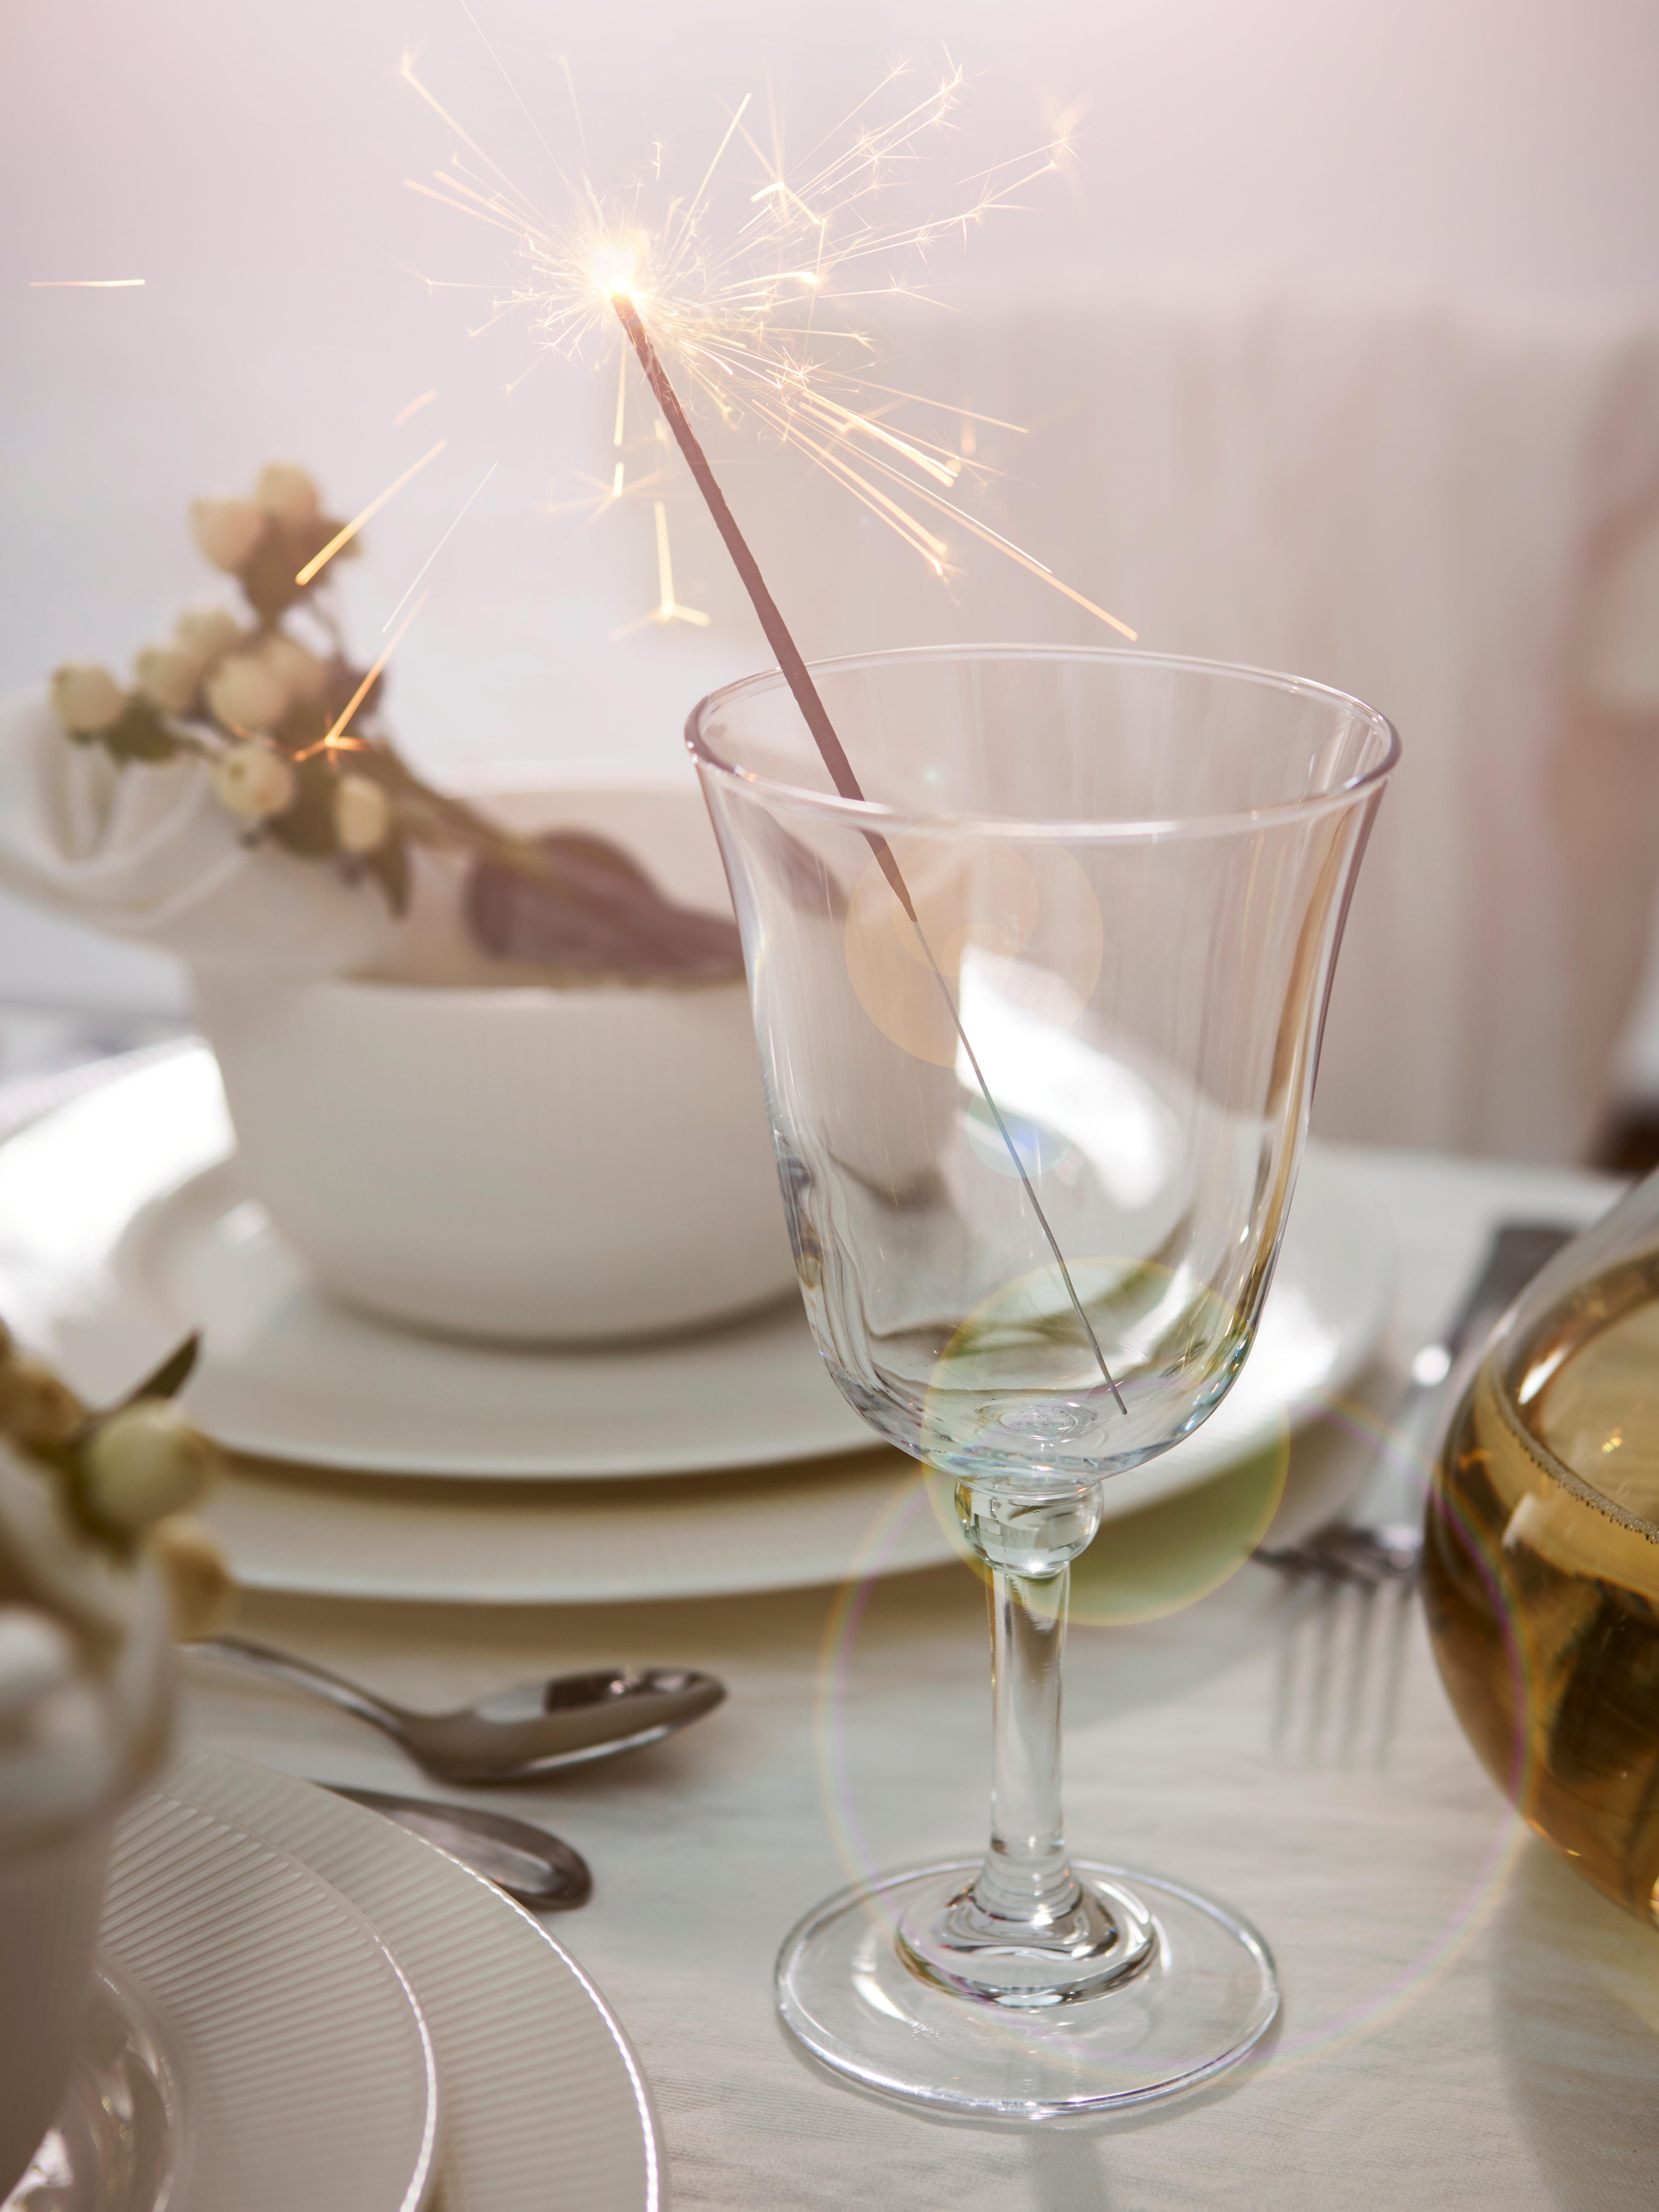 FRAMTRÄDA vinska čaša s penušavcem ispred bele činije na trpezarijskom stolu postavljenom za žurku.